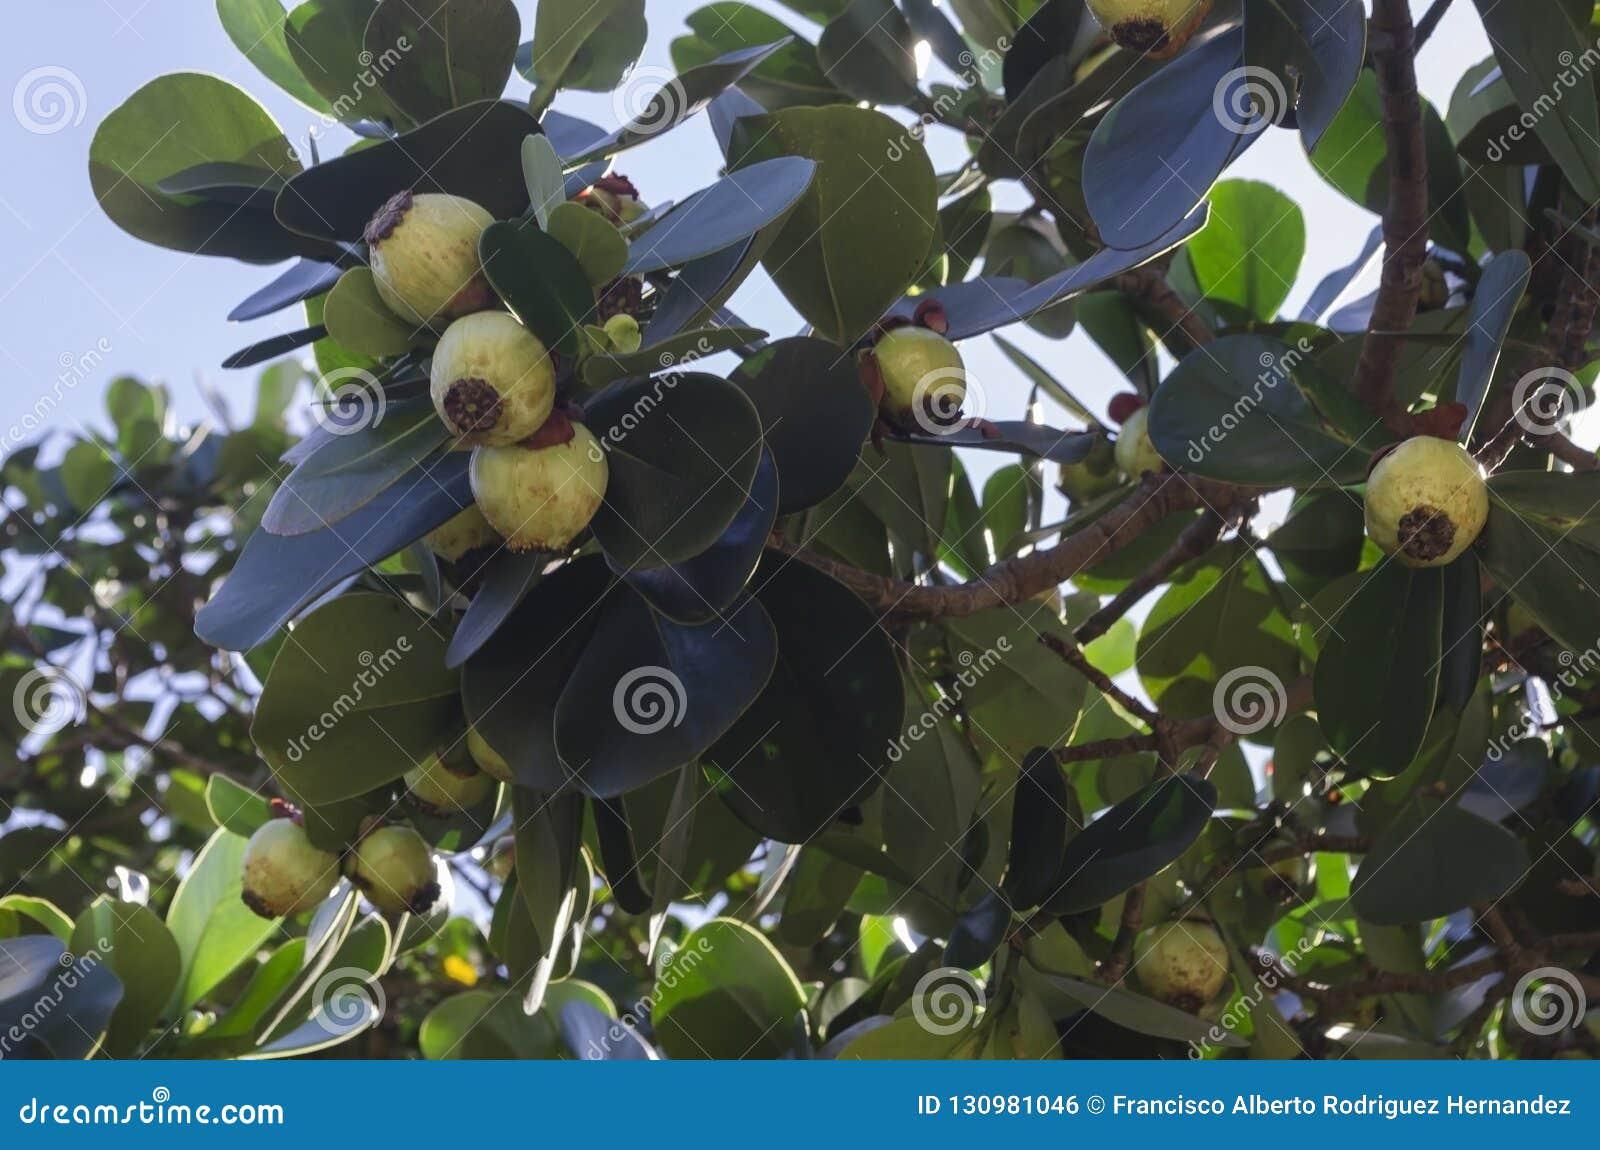 El rosea del Clusia, el árbol manuscrito, copey, manzana de bálsamo, echada-Apple, y abogado escocés, es espec. tropical y subtro